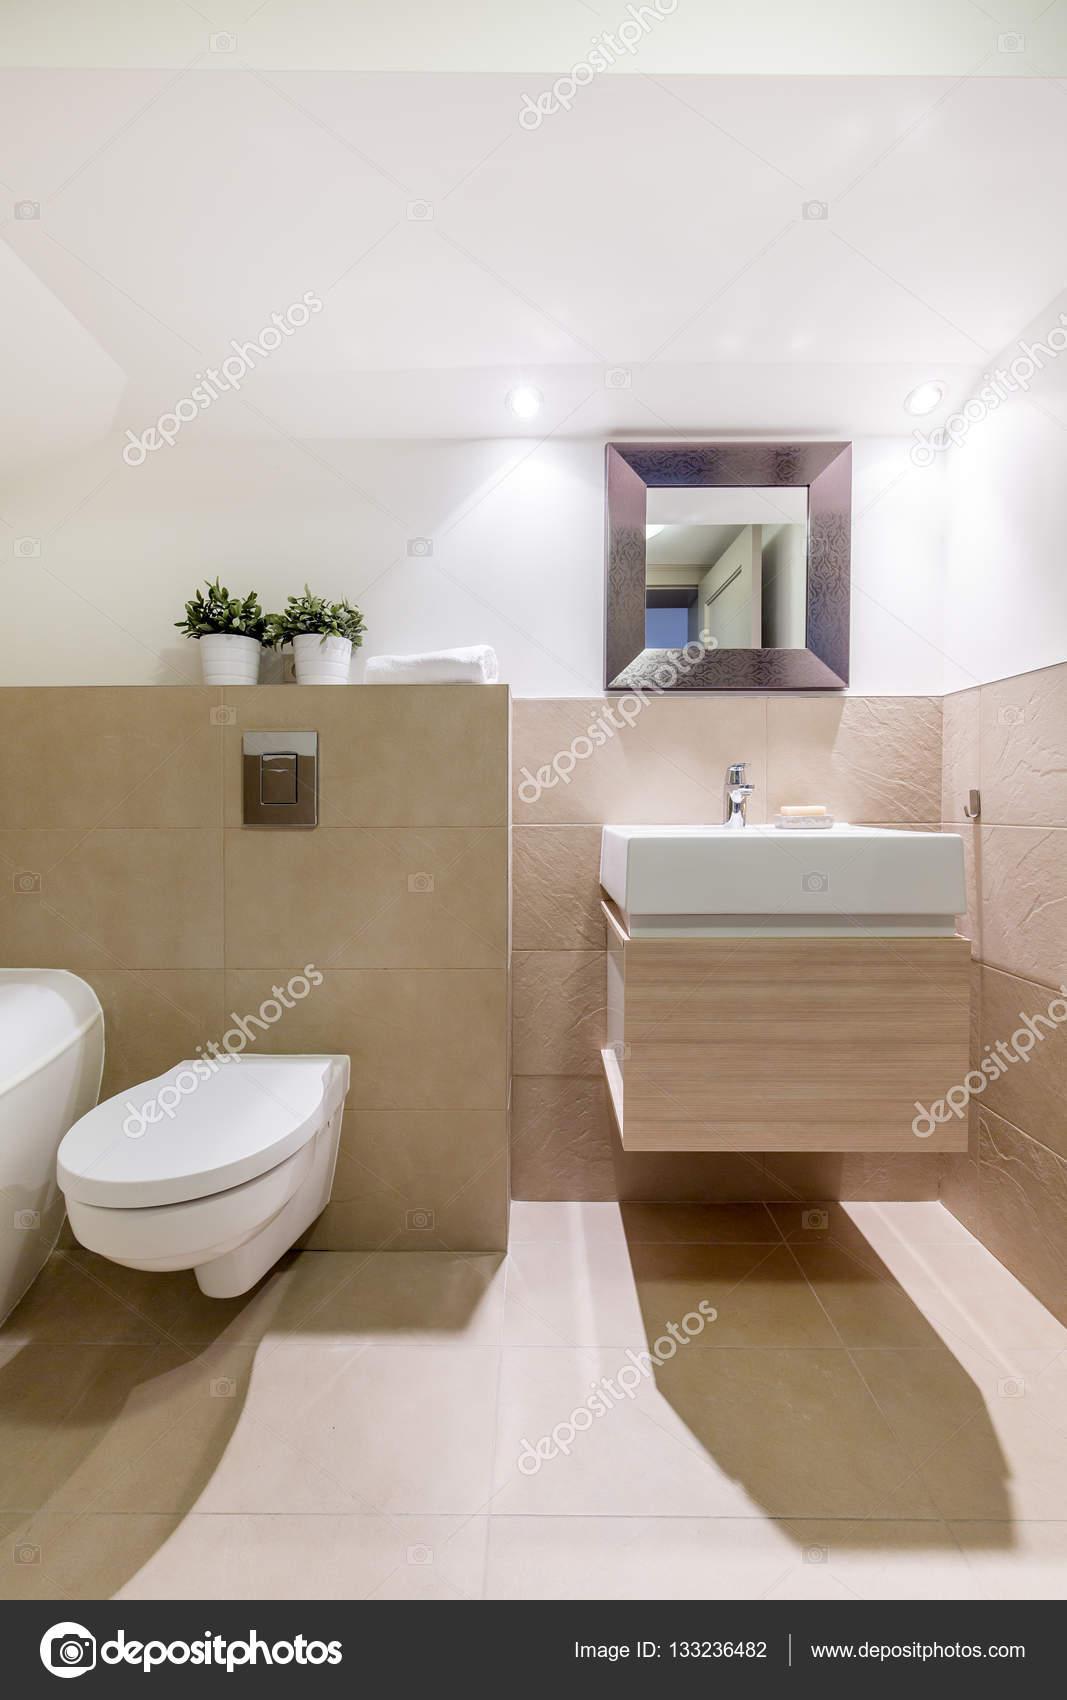 Travertin salle de bain avec WC et lavabo — Photographie ...